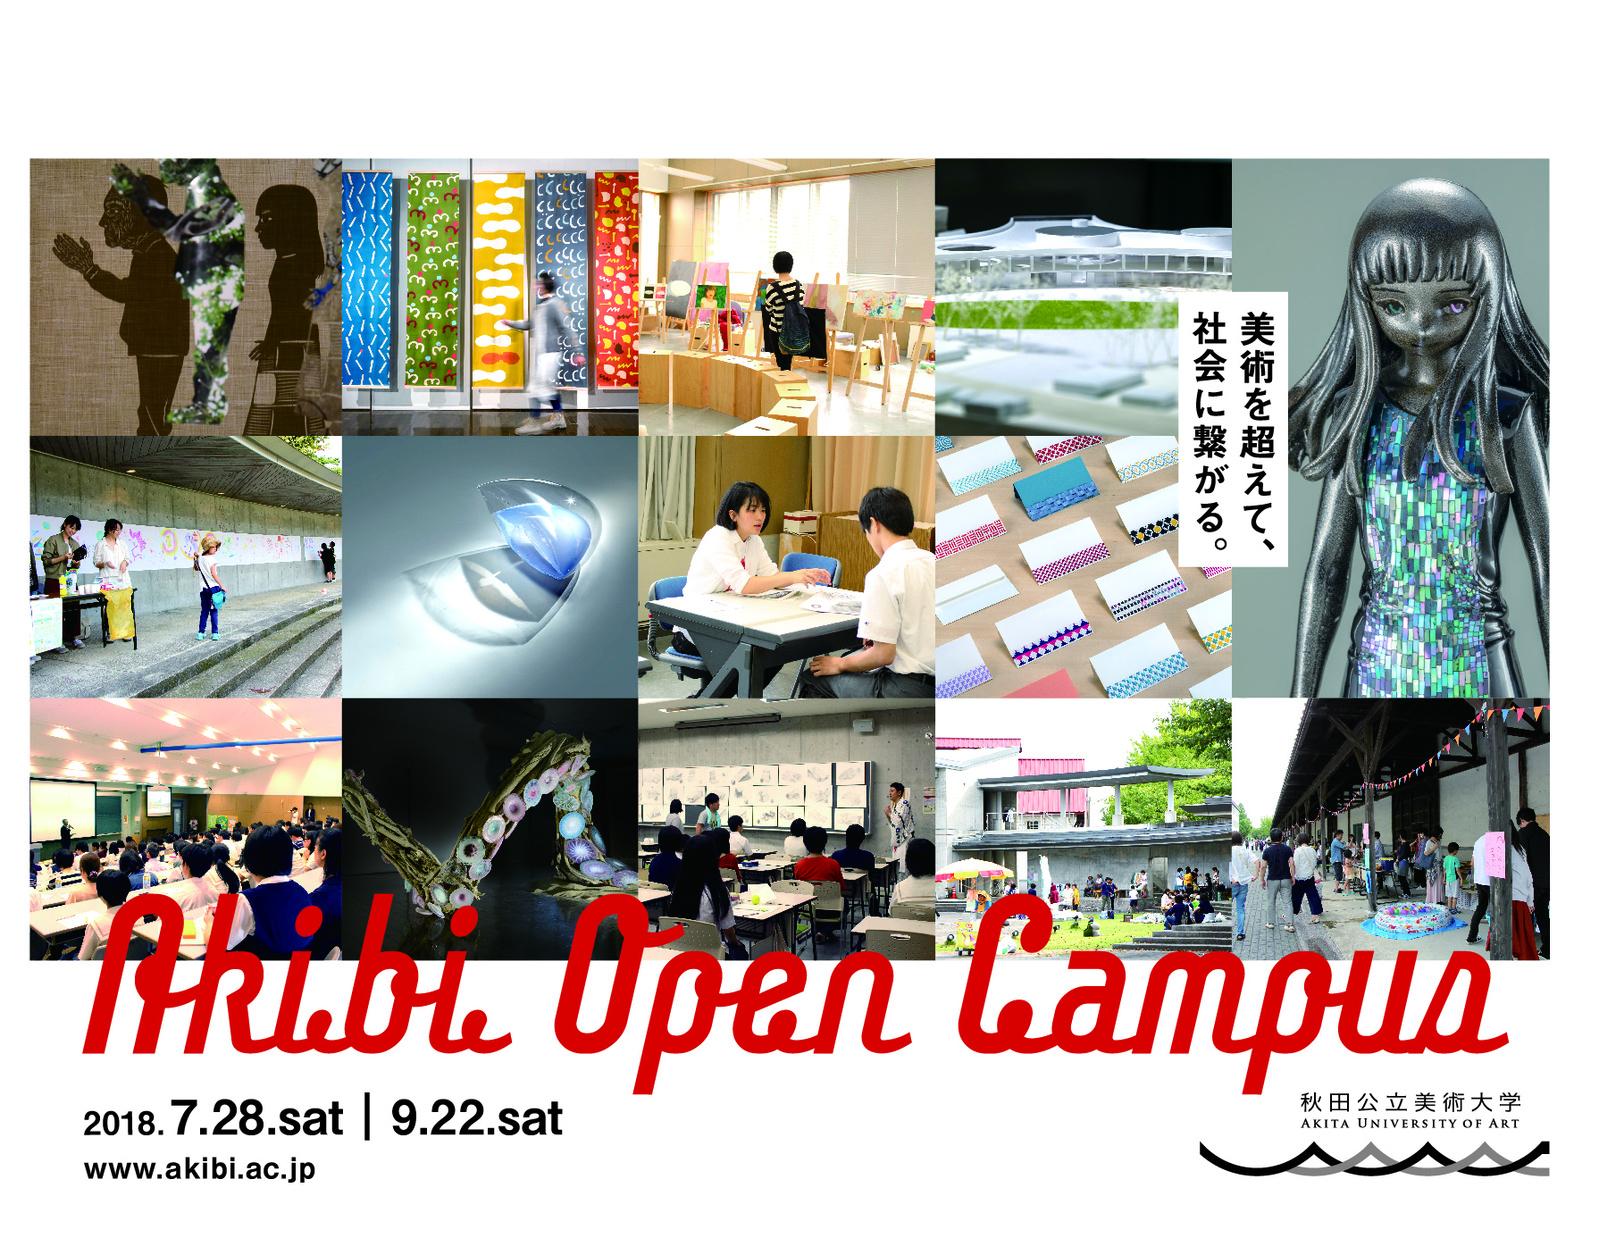 平成30年度 秋田公立美術大学オープンキャンパス